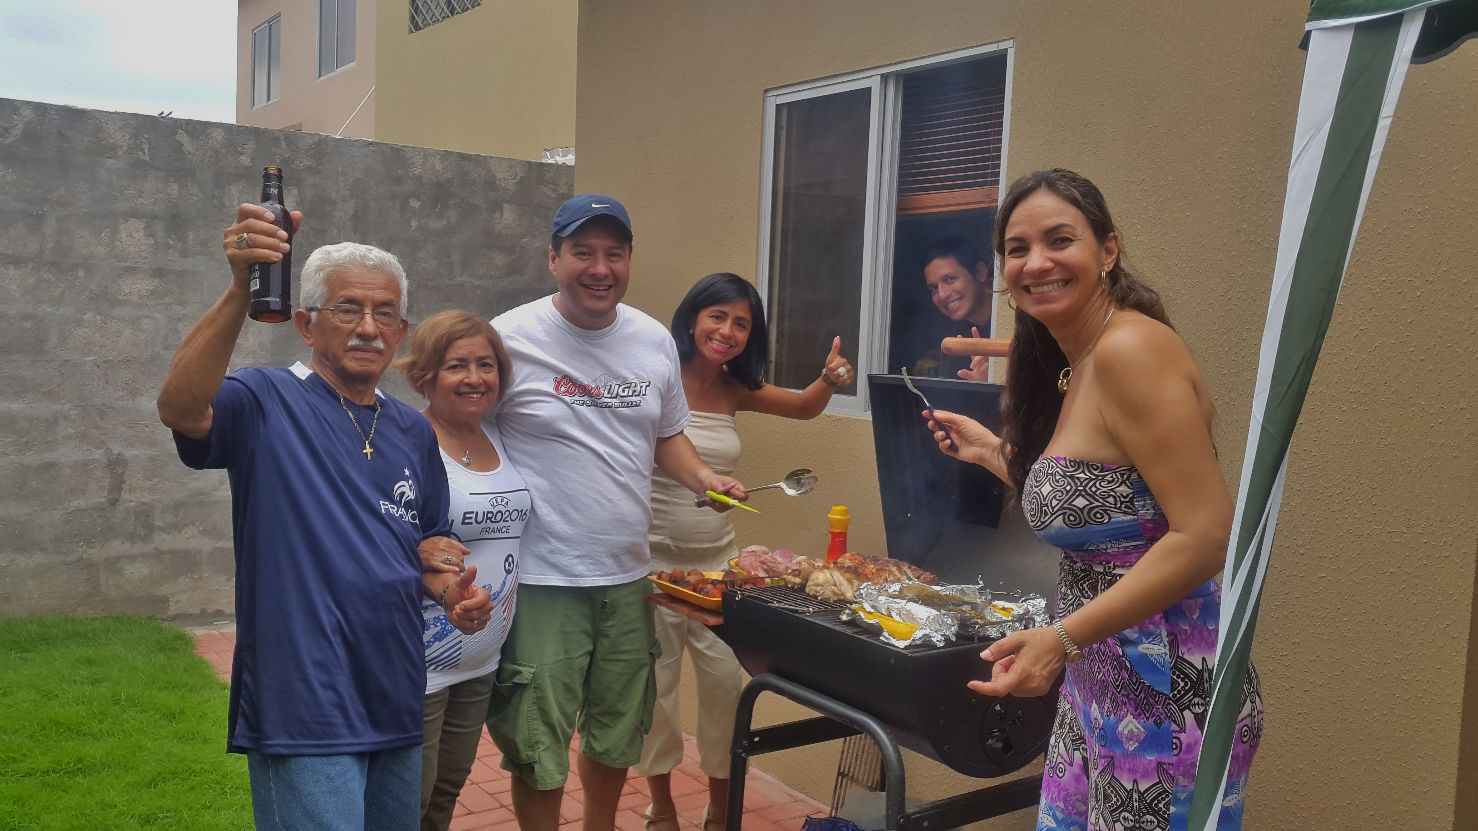 Grande fête chez mon oncle avant notre départ